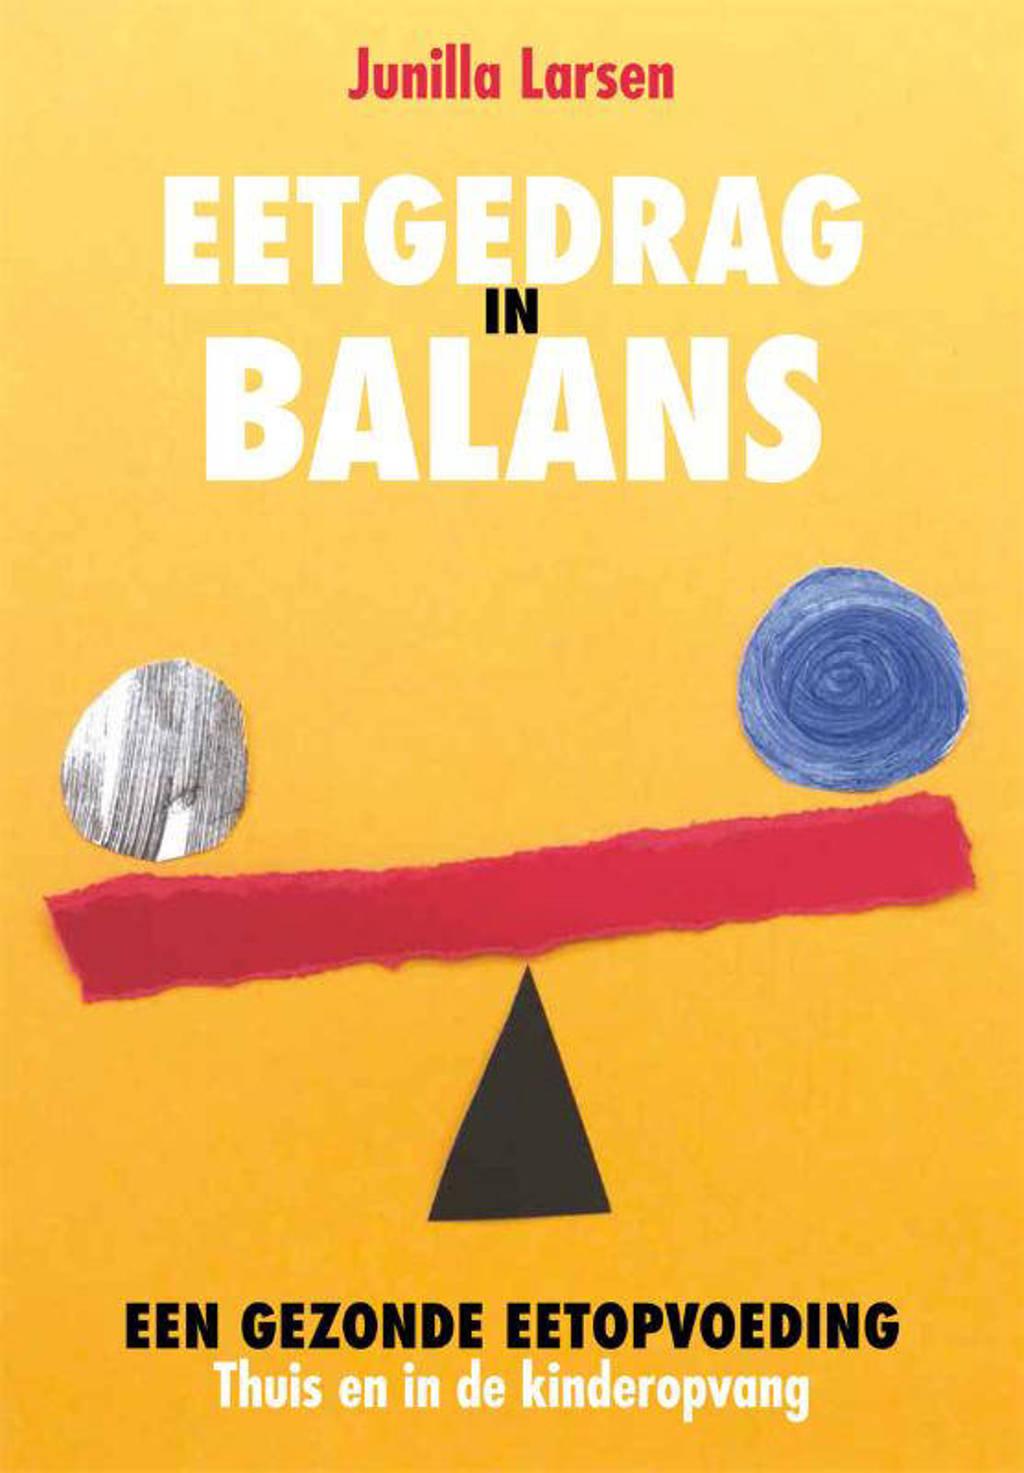 Eetgedrag in balans - Junilla Larsen